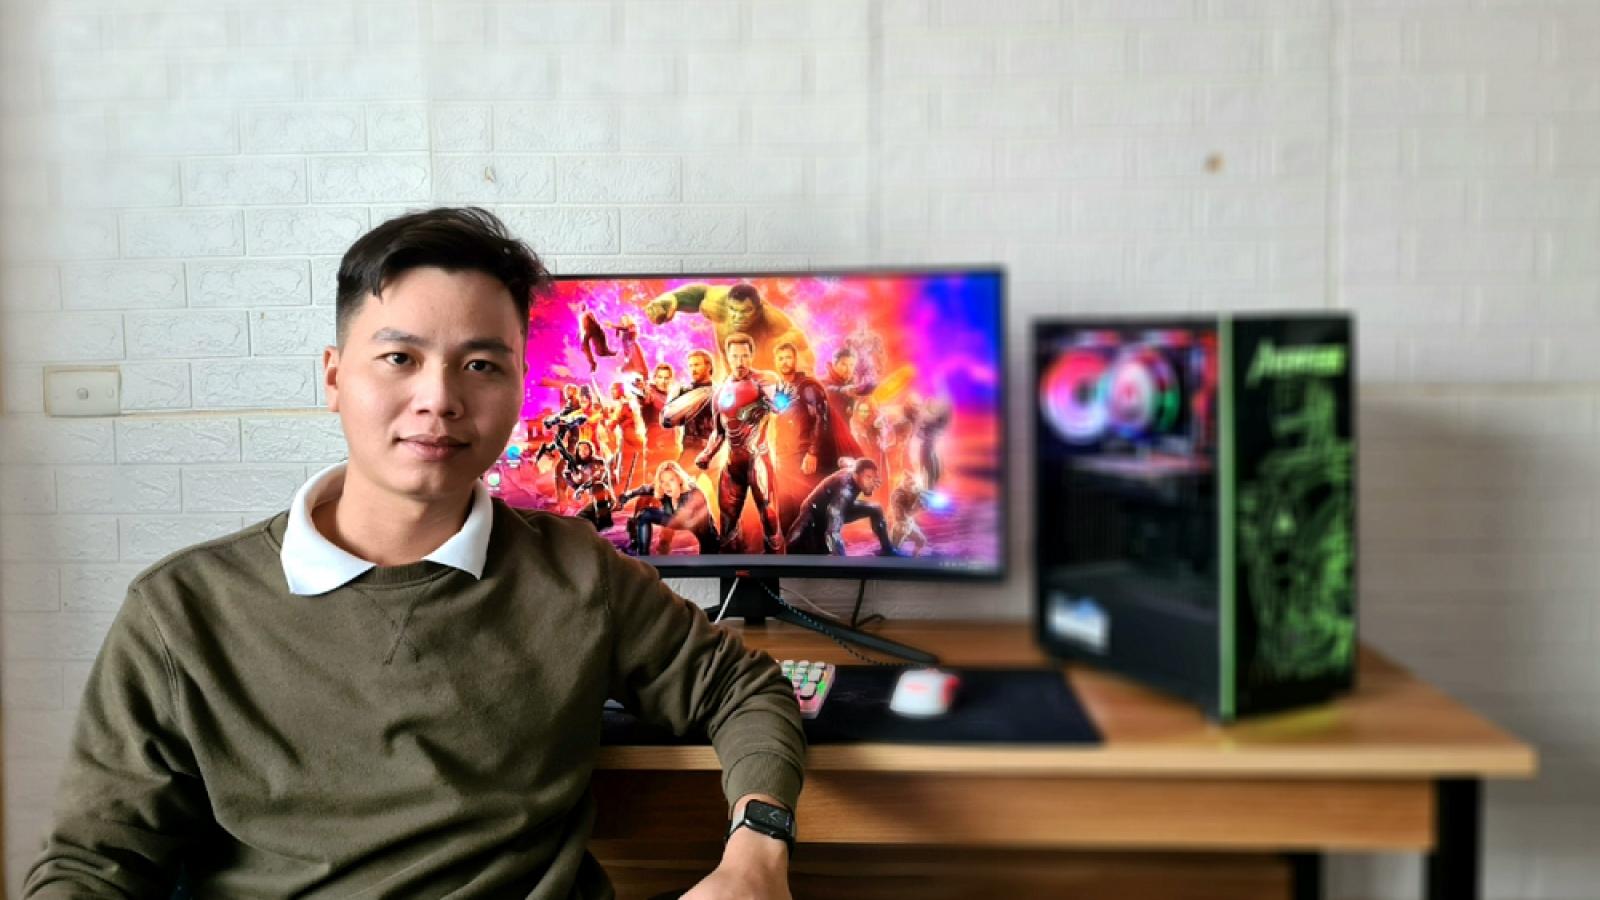 Lời khuyên khởi nghiệp giữa mùa dịch của CEO công nghệ Nguyễn Minh Khôi